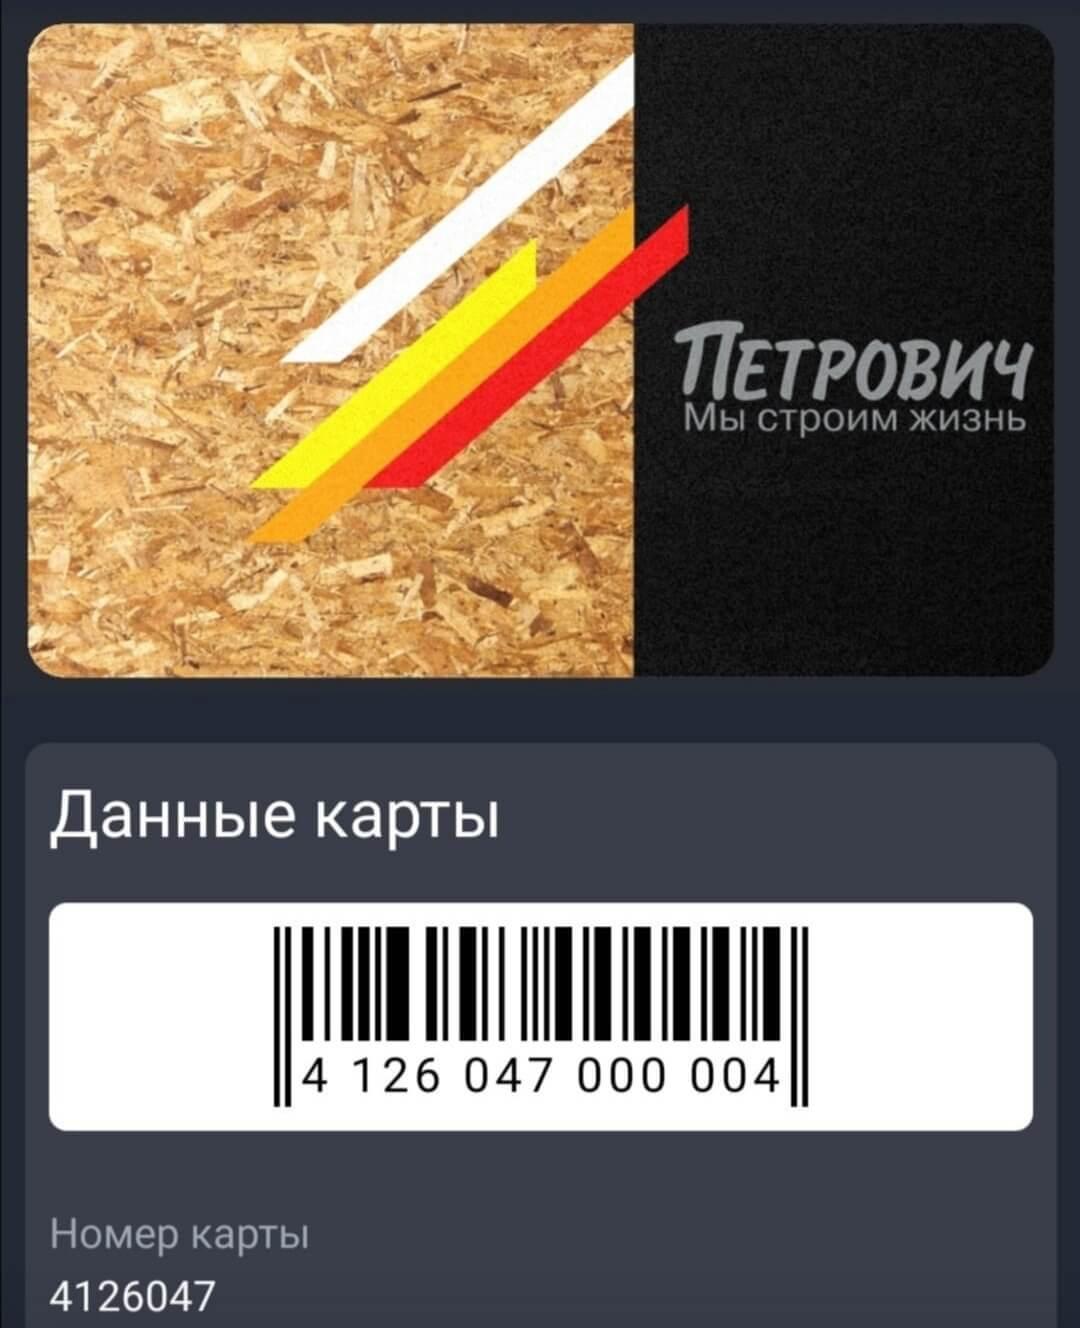 Скидочная карта Петрович: штрих код.